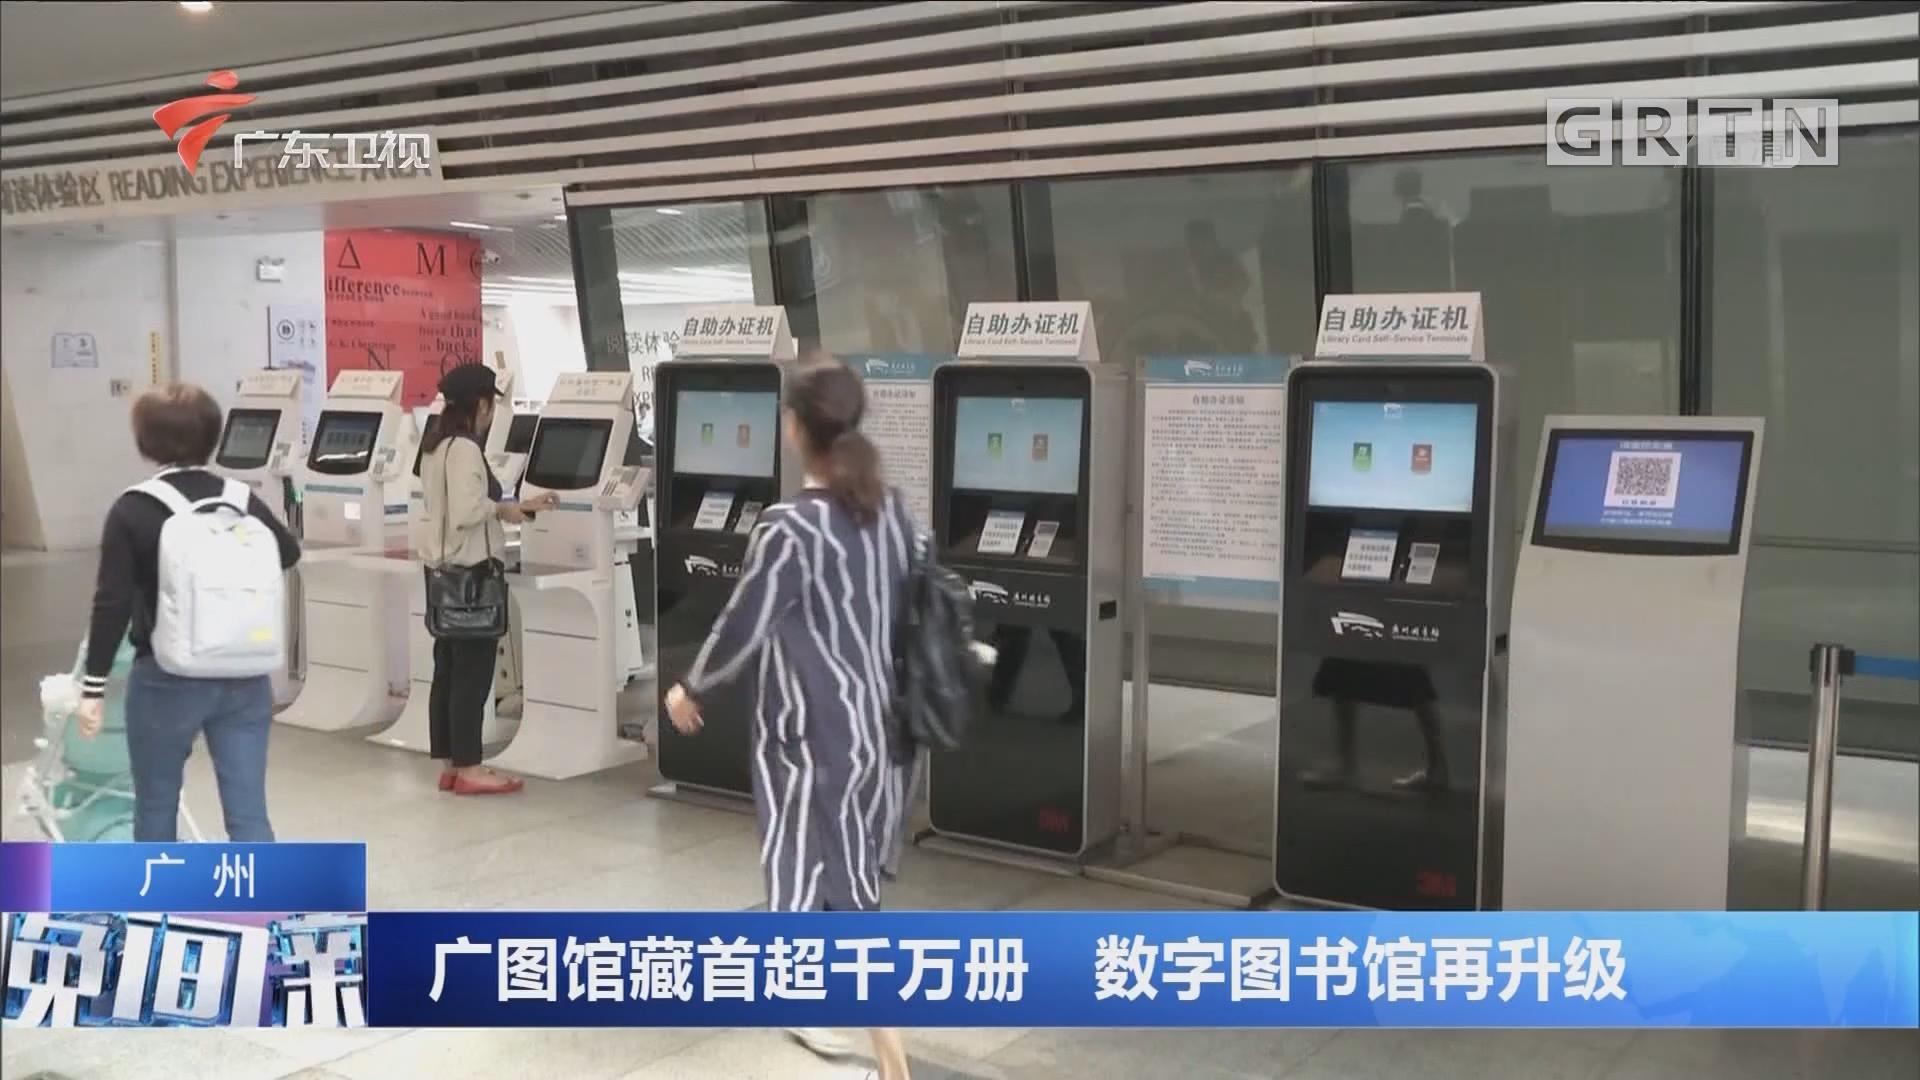 广州:广图馆藏首超千万册 数字图书馆再升级